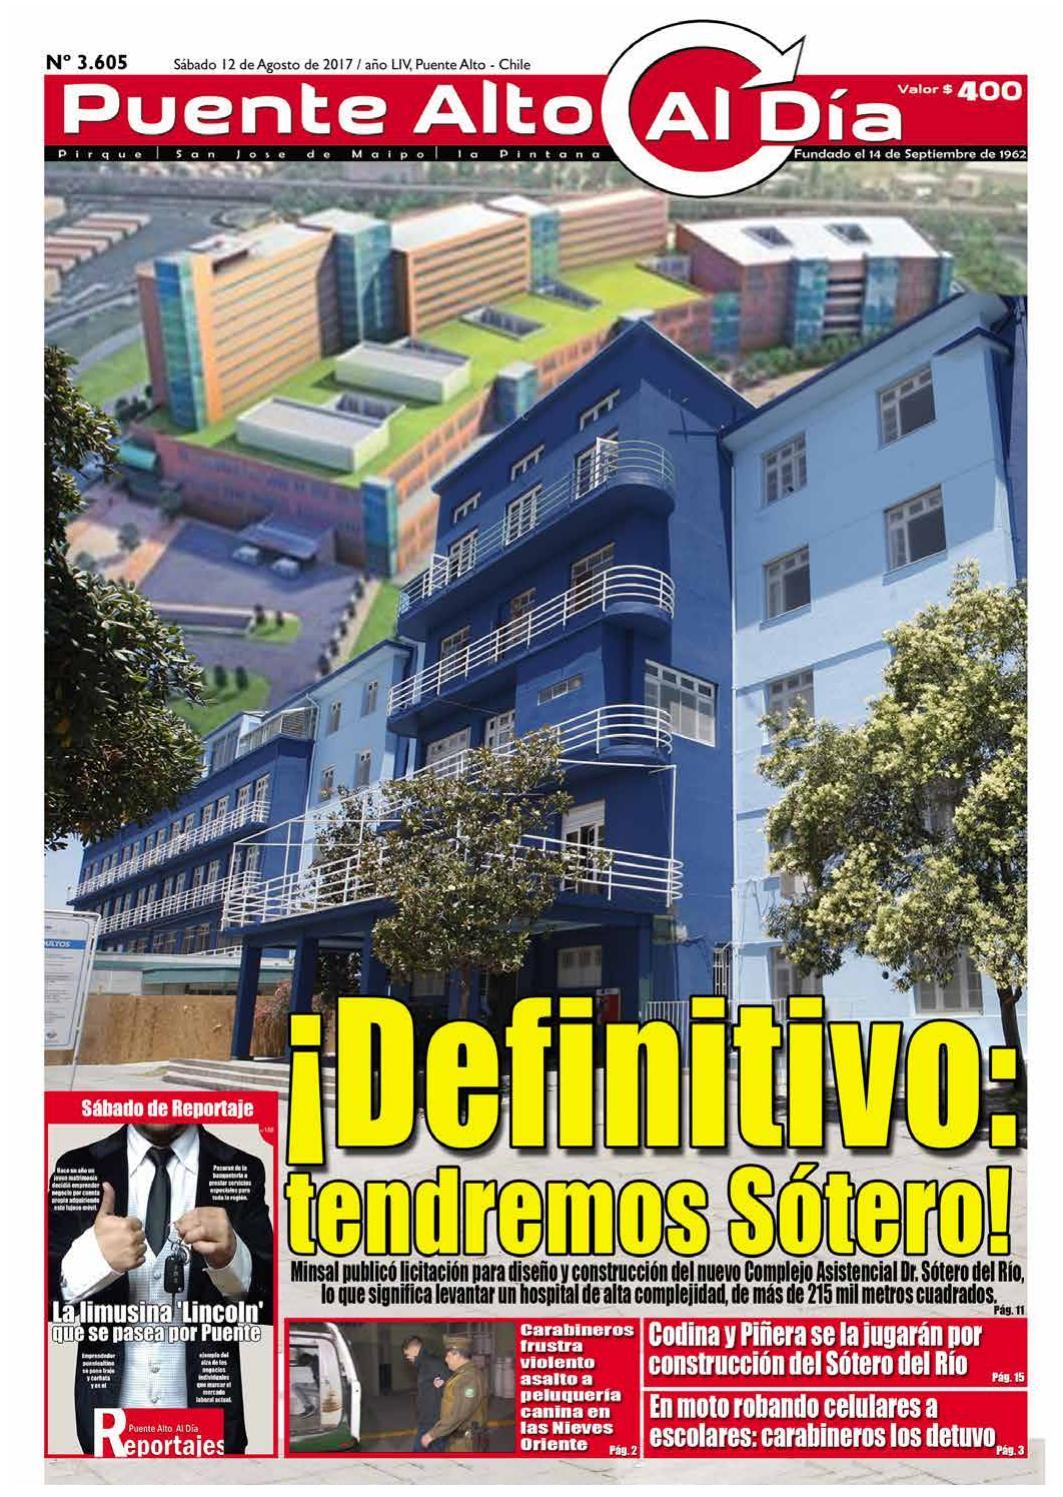 Edición N° 3.605 - 12 de Agosto de 2017 by Puente Alto Al Día - issuu aefead0b47e57